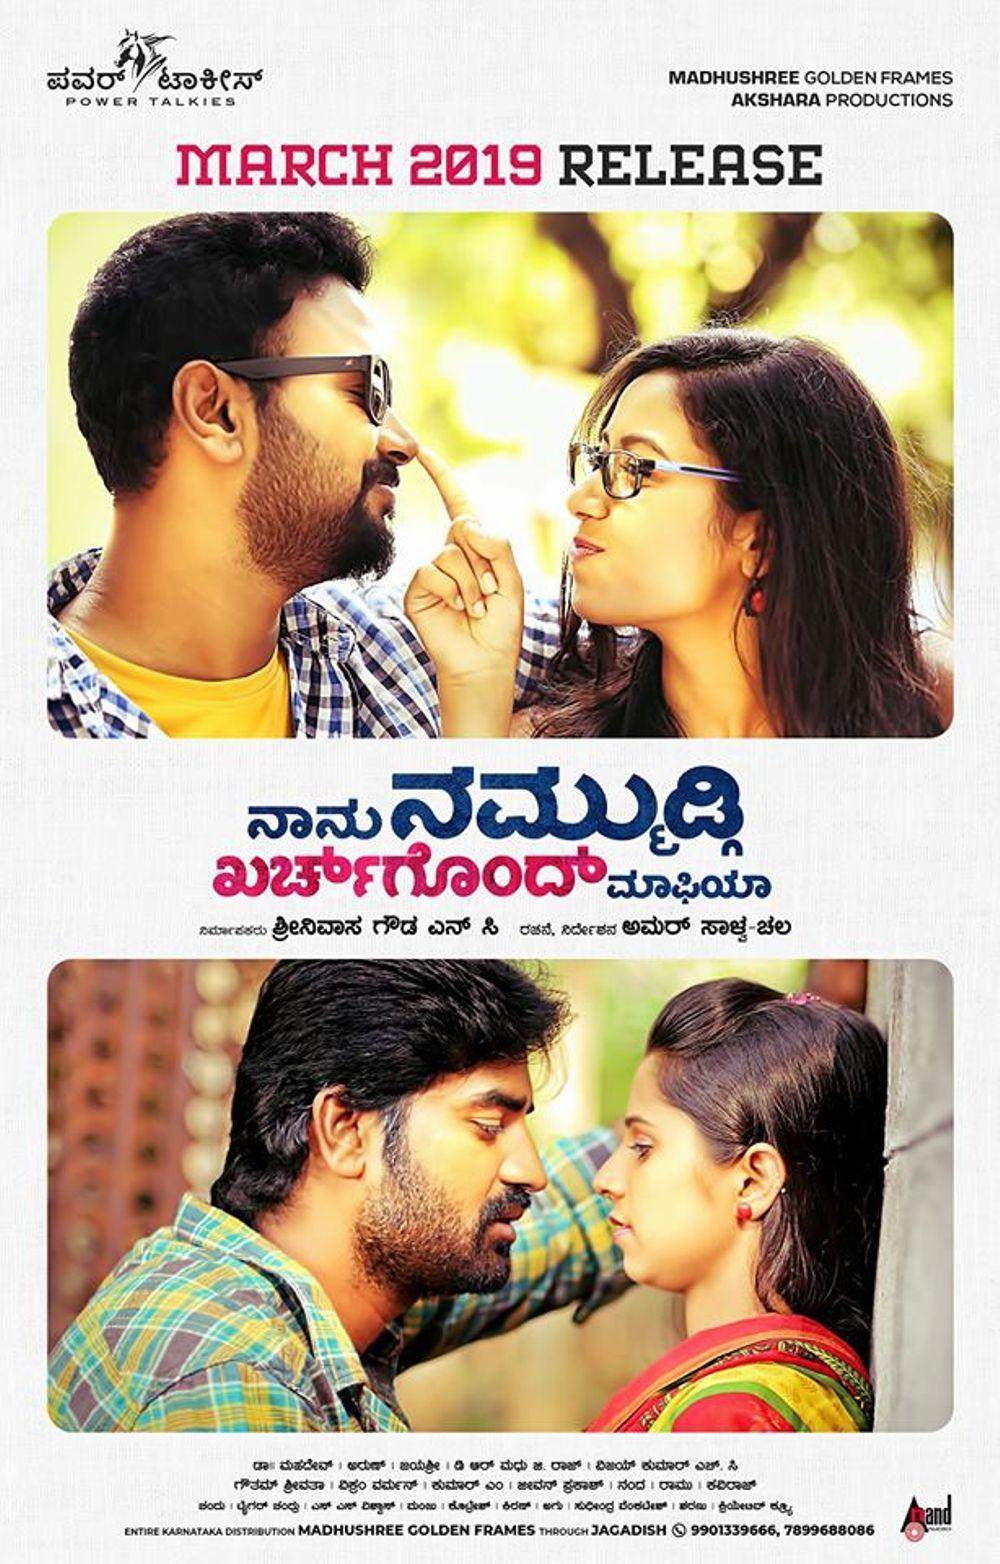 Naanu Nammudgi Kharchgondh Mafia Movie Review